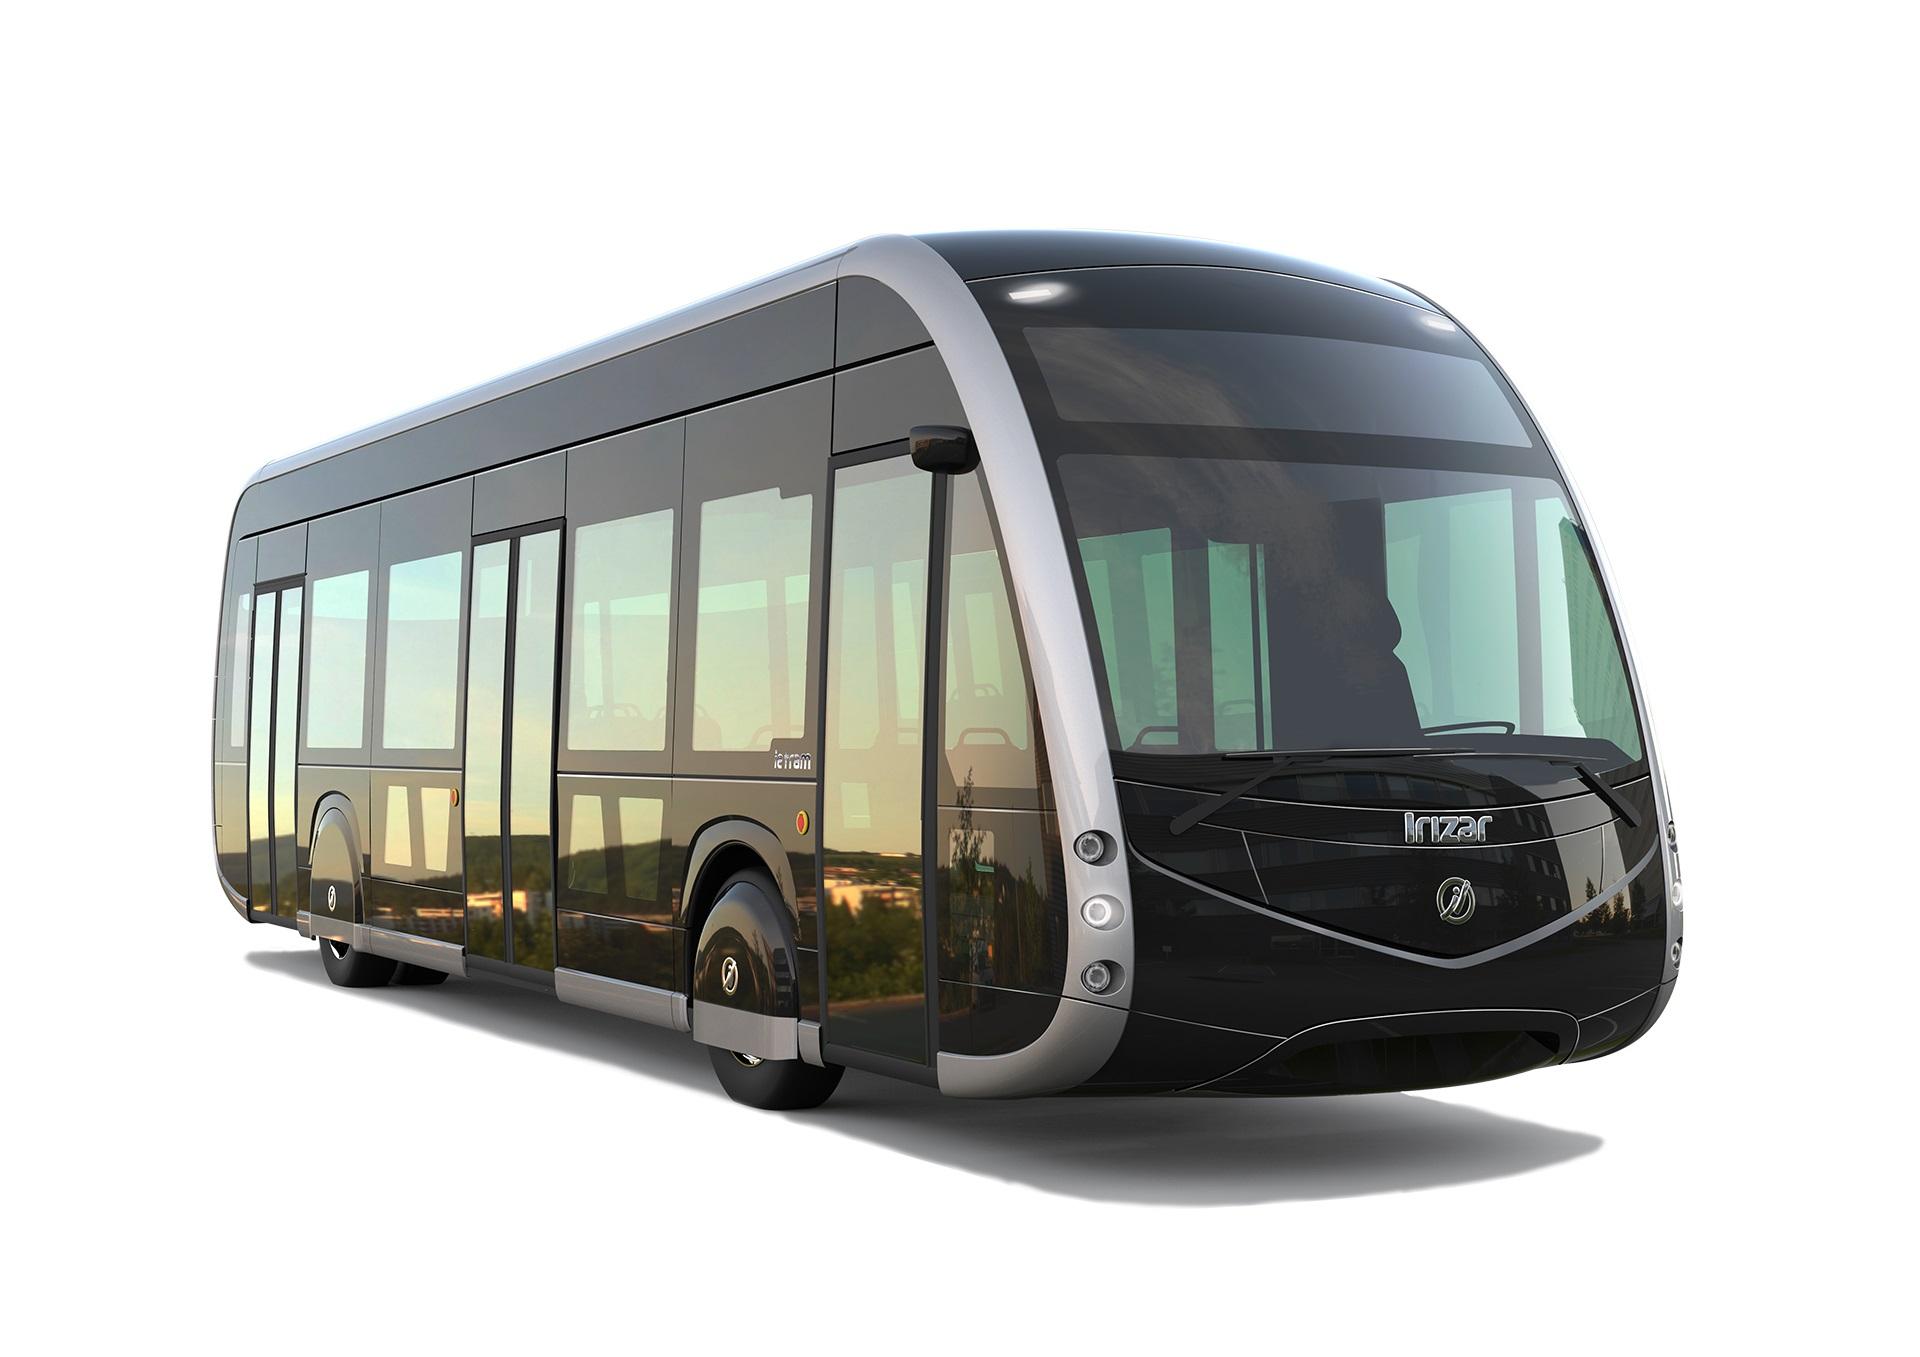 Ηλεκτρικό λεωφορείο σε δοκιμαστική διαδρομή στη γραμμή Παγκράτι-Κυψέλη